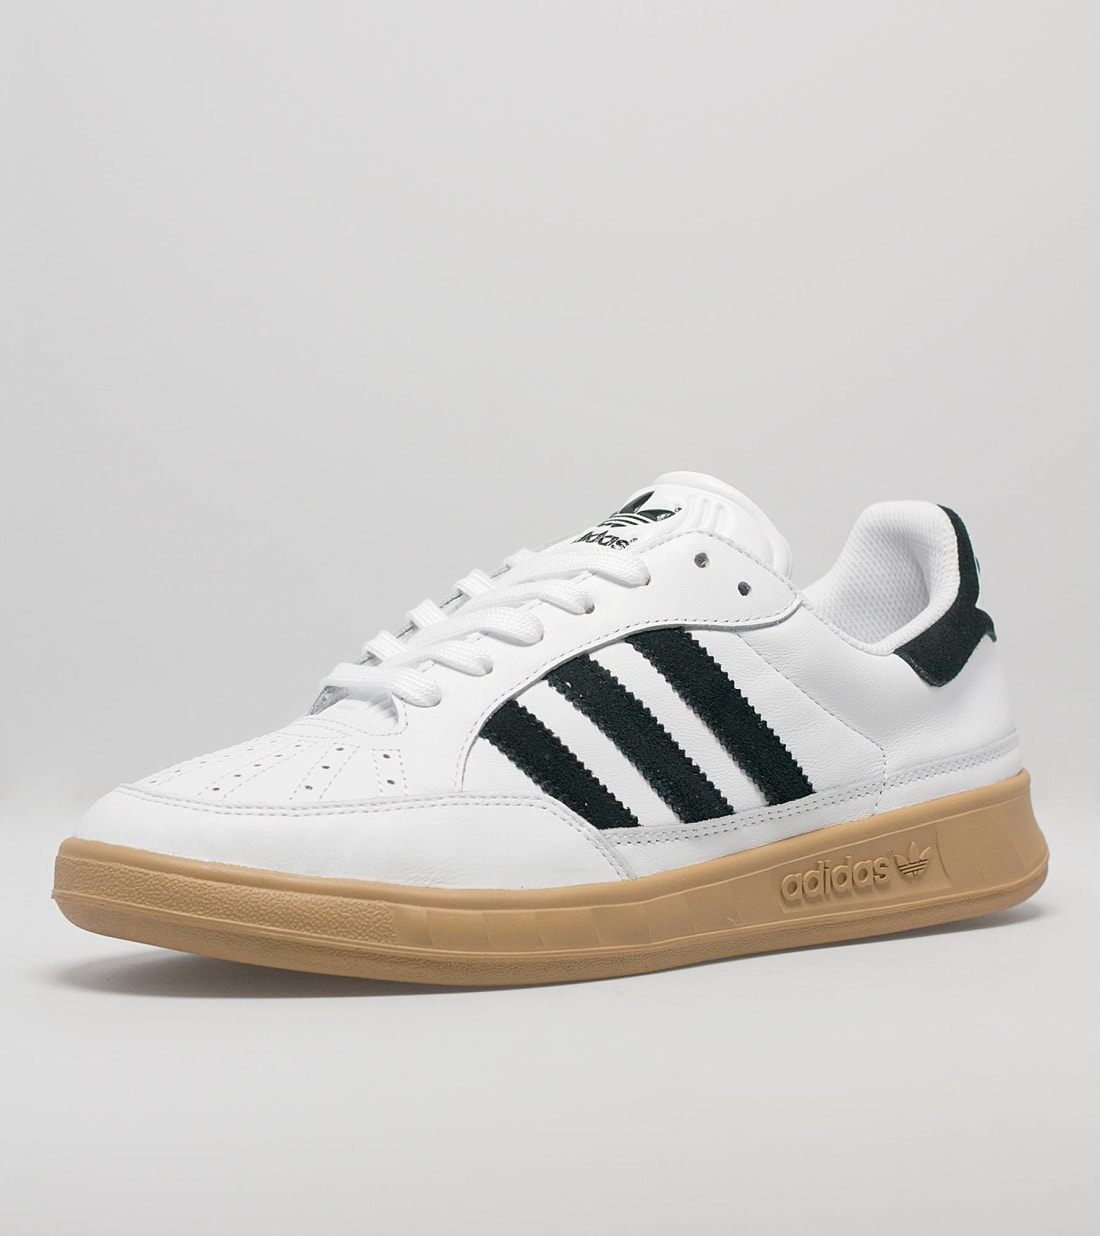 adidas Suisse | Adidas | Sole Collector